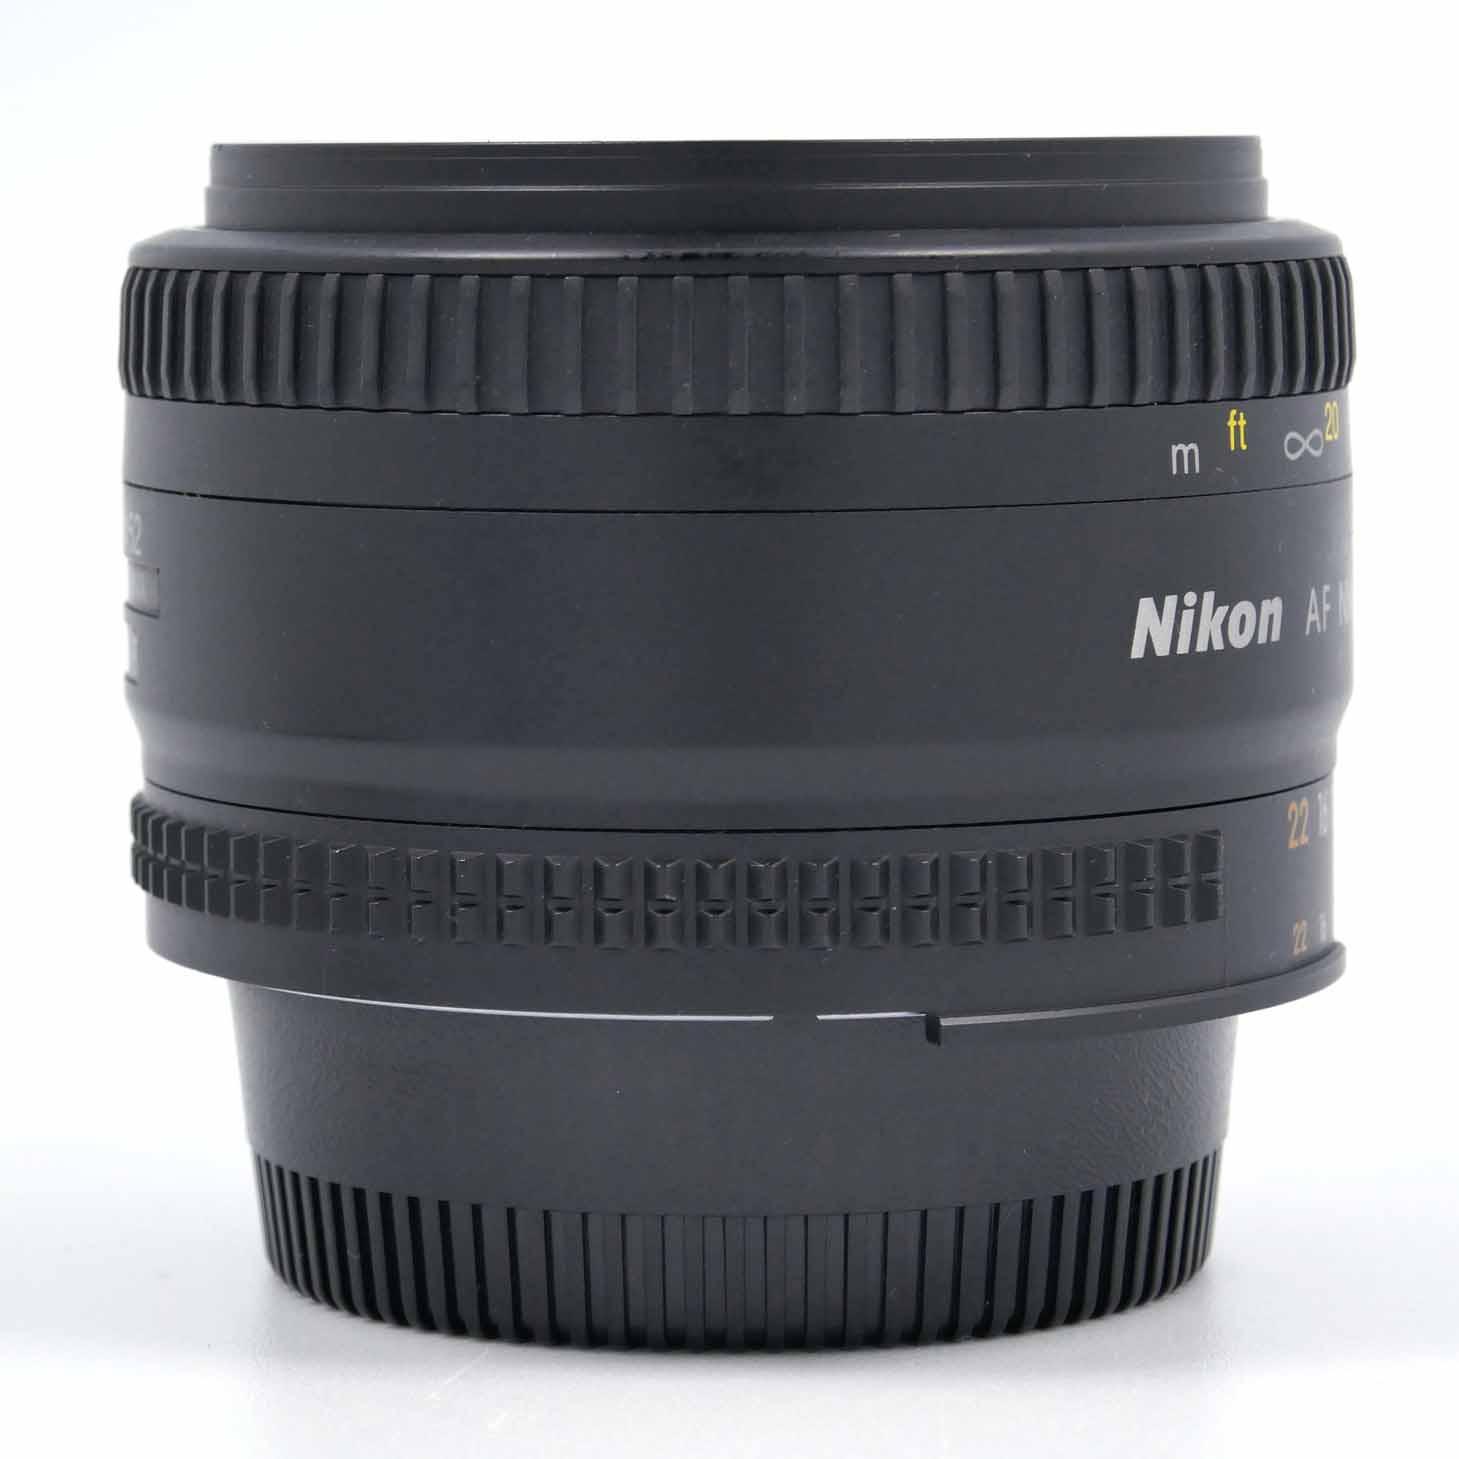 clean-cameras-Nikon-AF-50mm-1.8-D-08